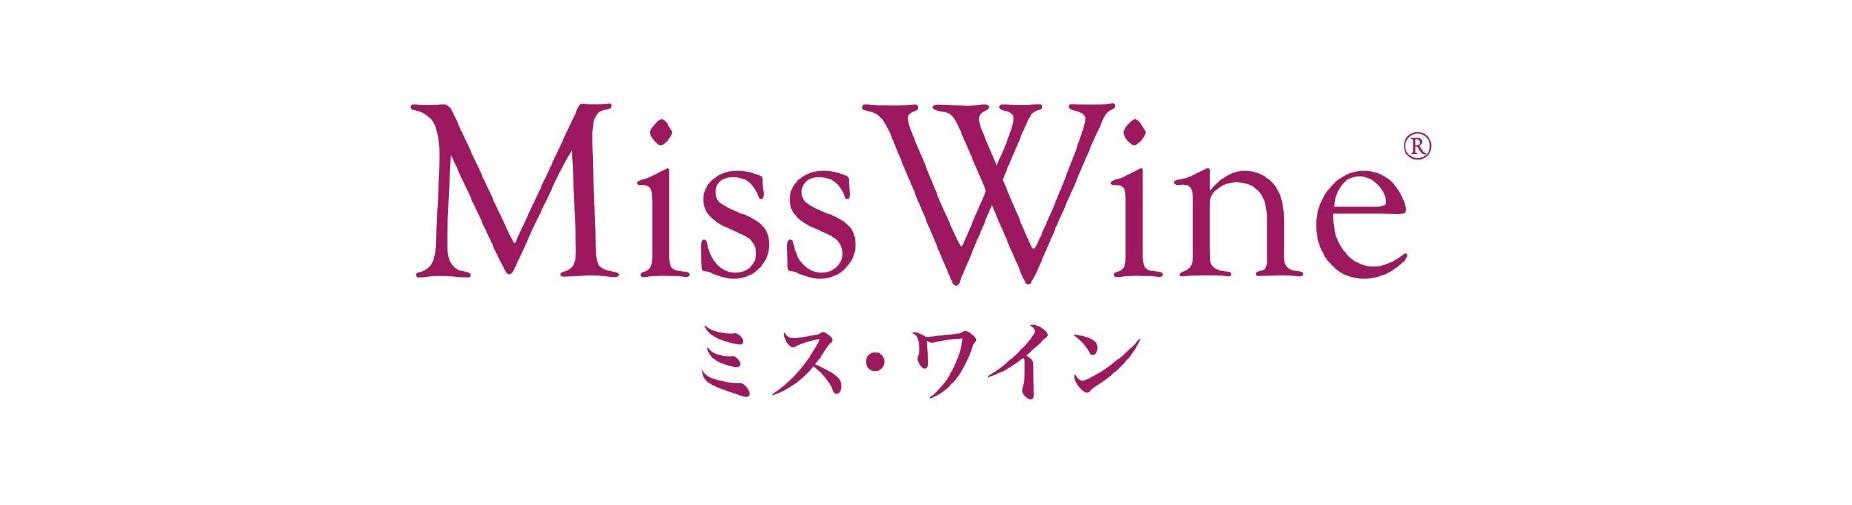 ミス・ワイン